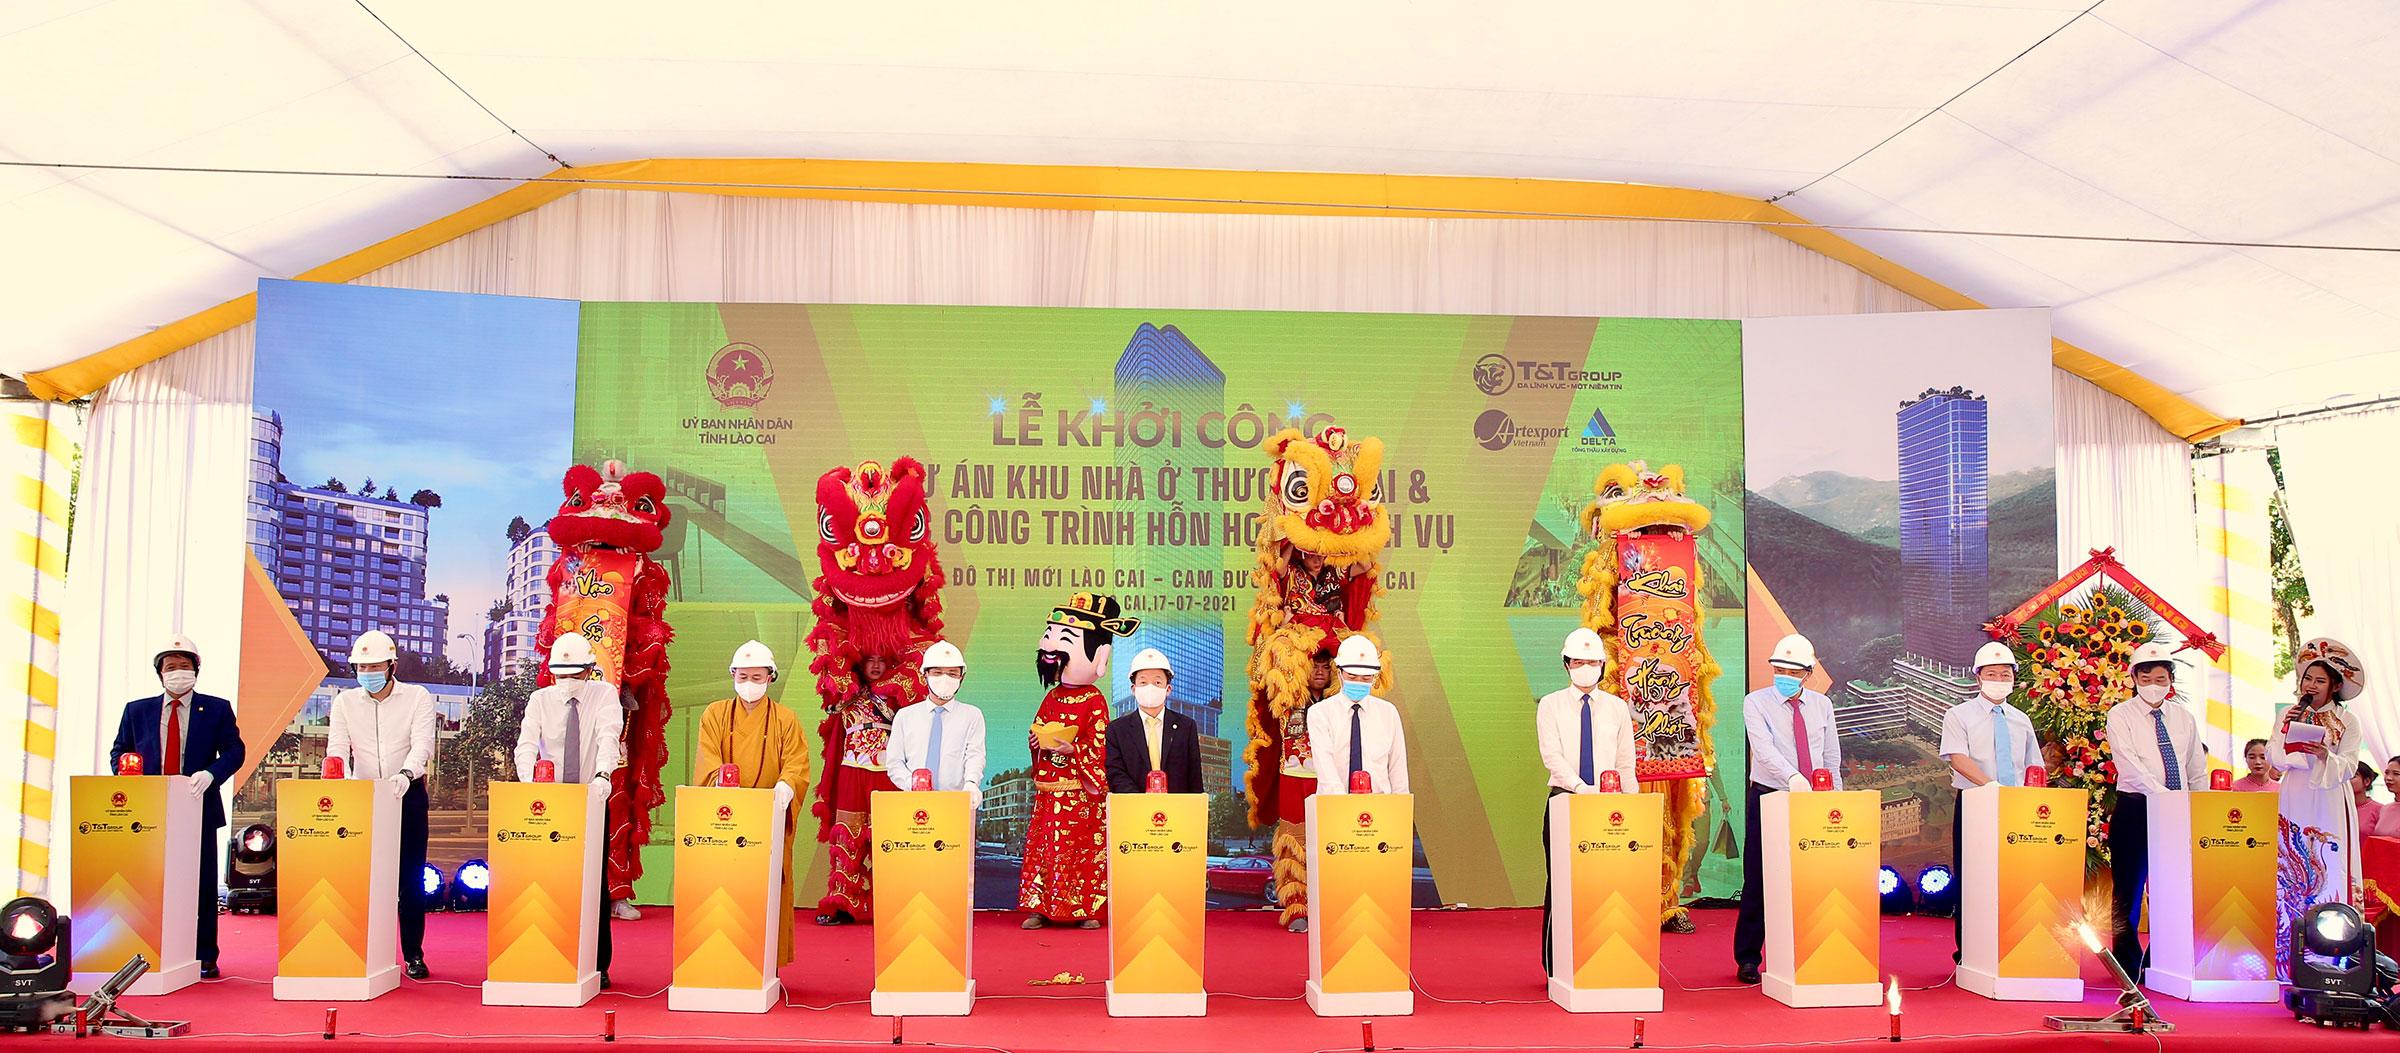 Các đại biểu bấm nút khởi công dự án xây dựng khu nhà ở thương mại và các công trình hỗn hợp – dịch vụ, khu đô thị mới Lào Cai - Cam Đường, TP Lào Cai.